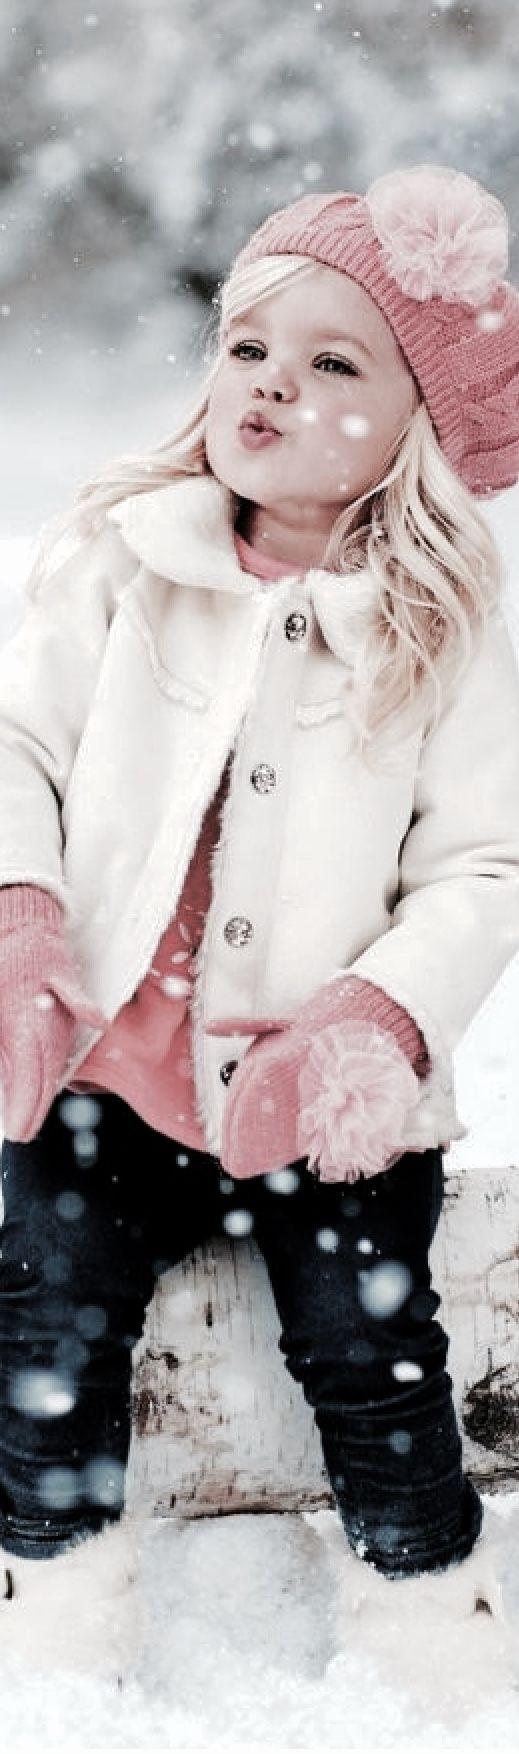 Winter picture idea.